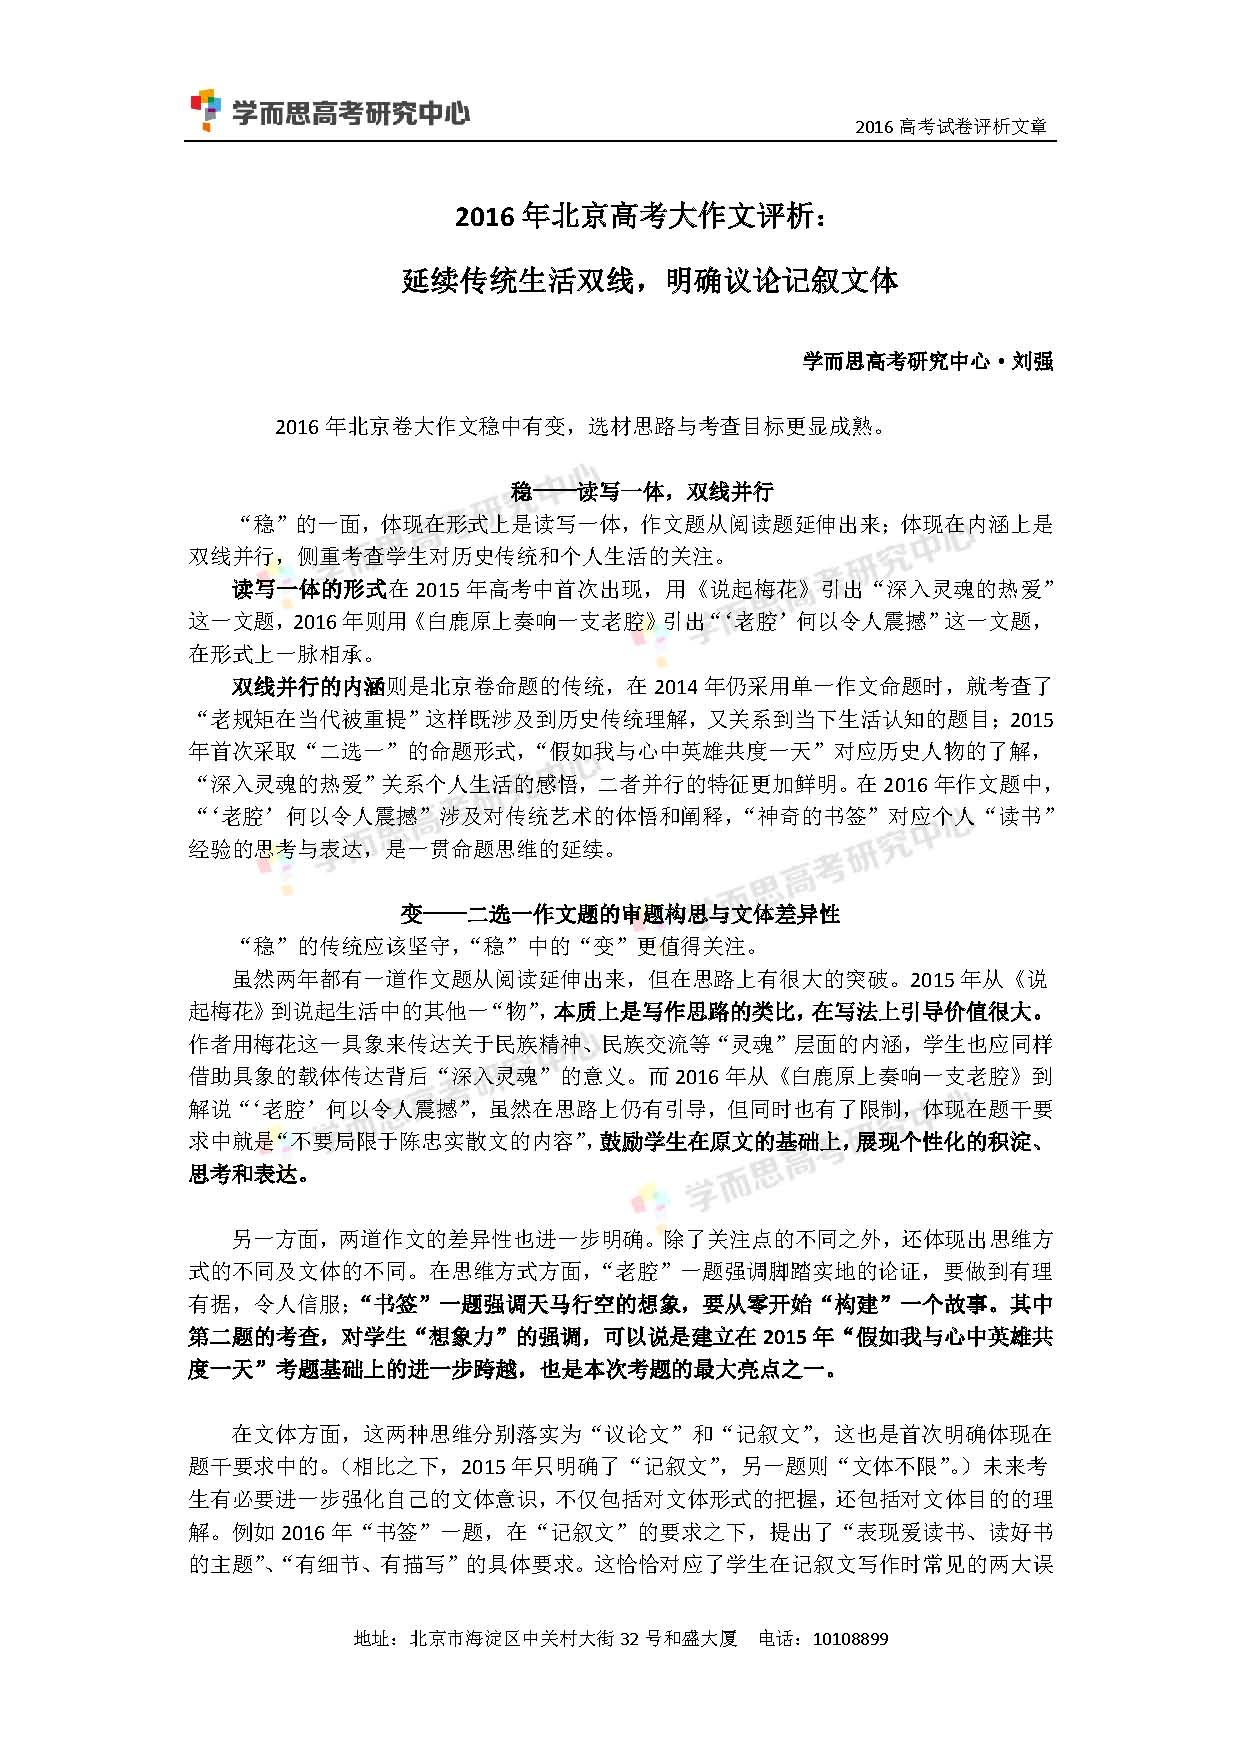 2016年北京高考大作文评析_页面_1.jpg